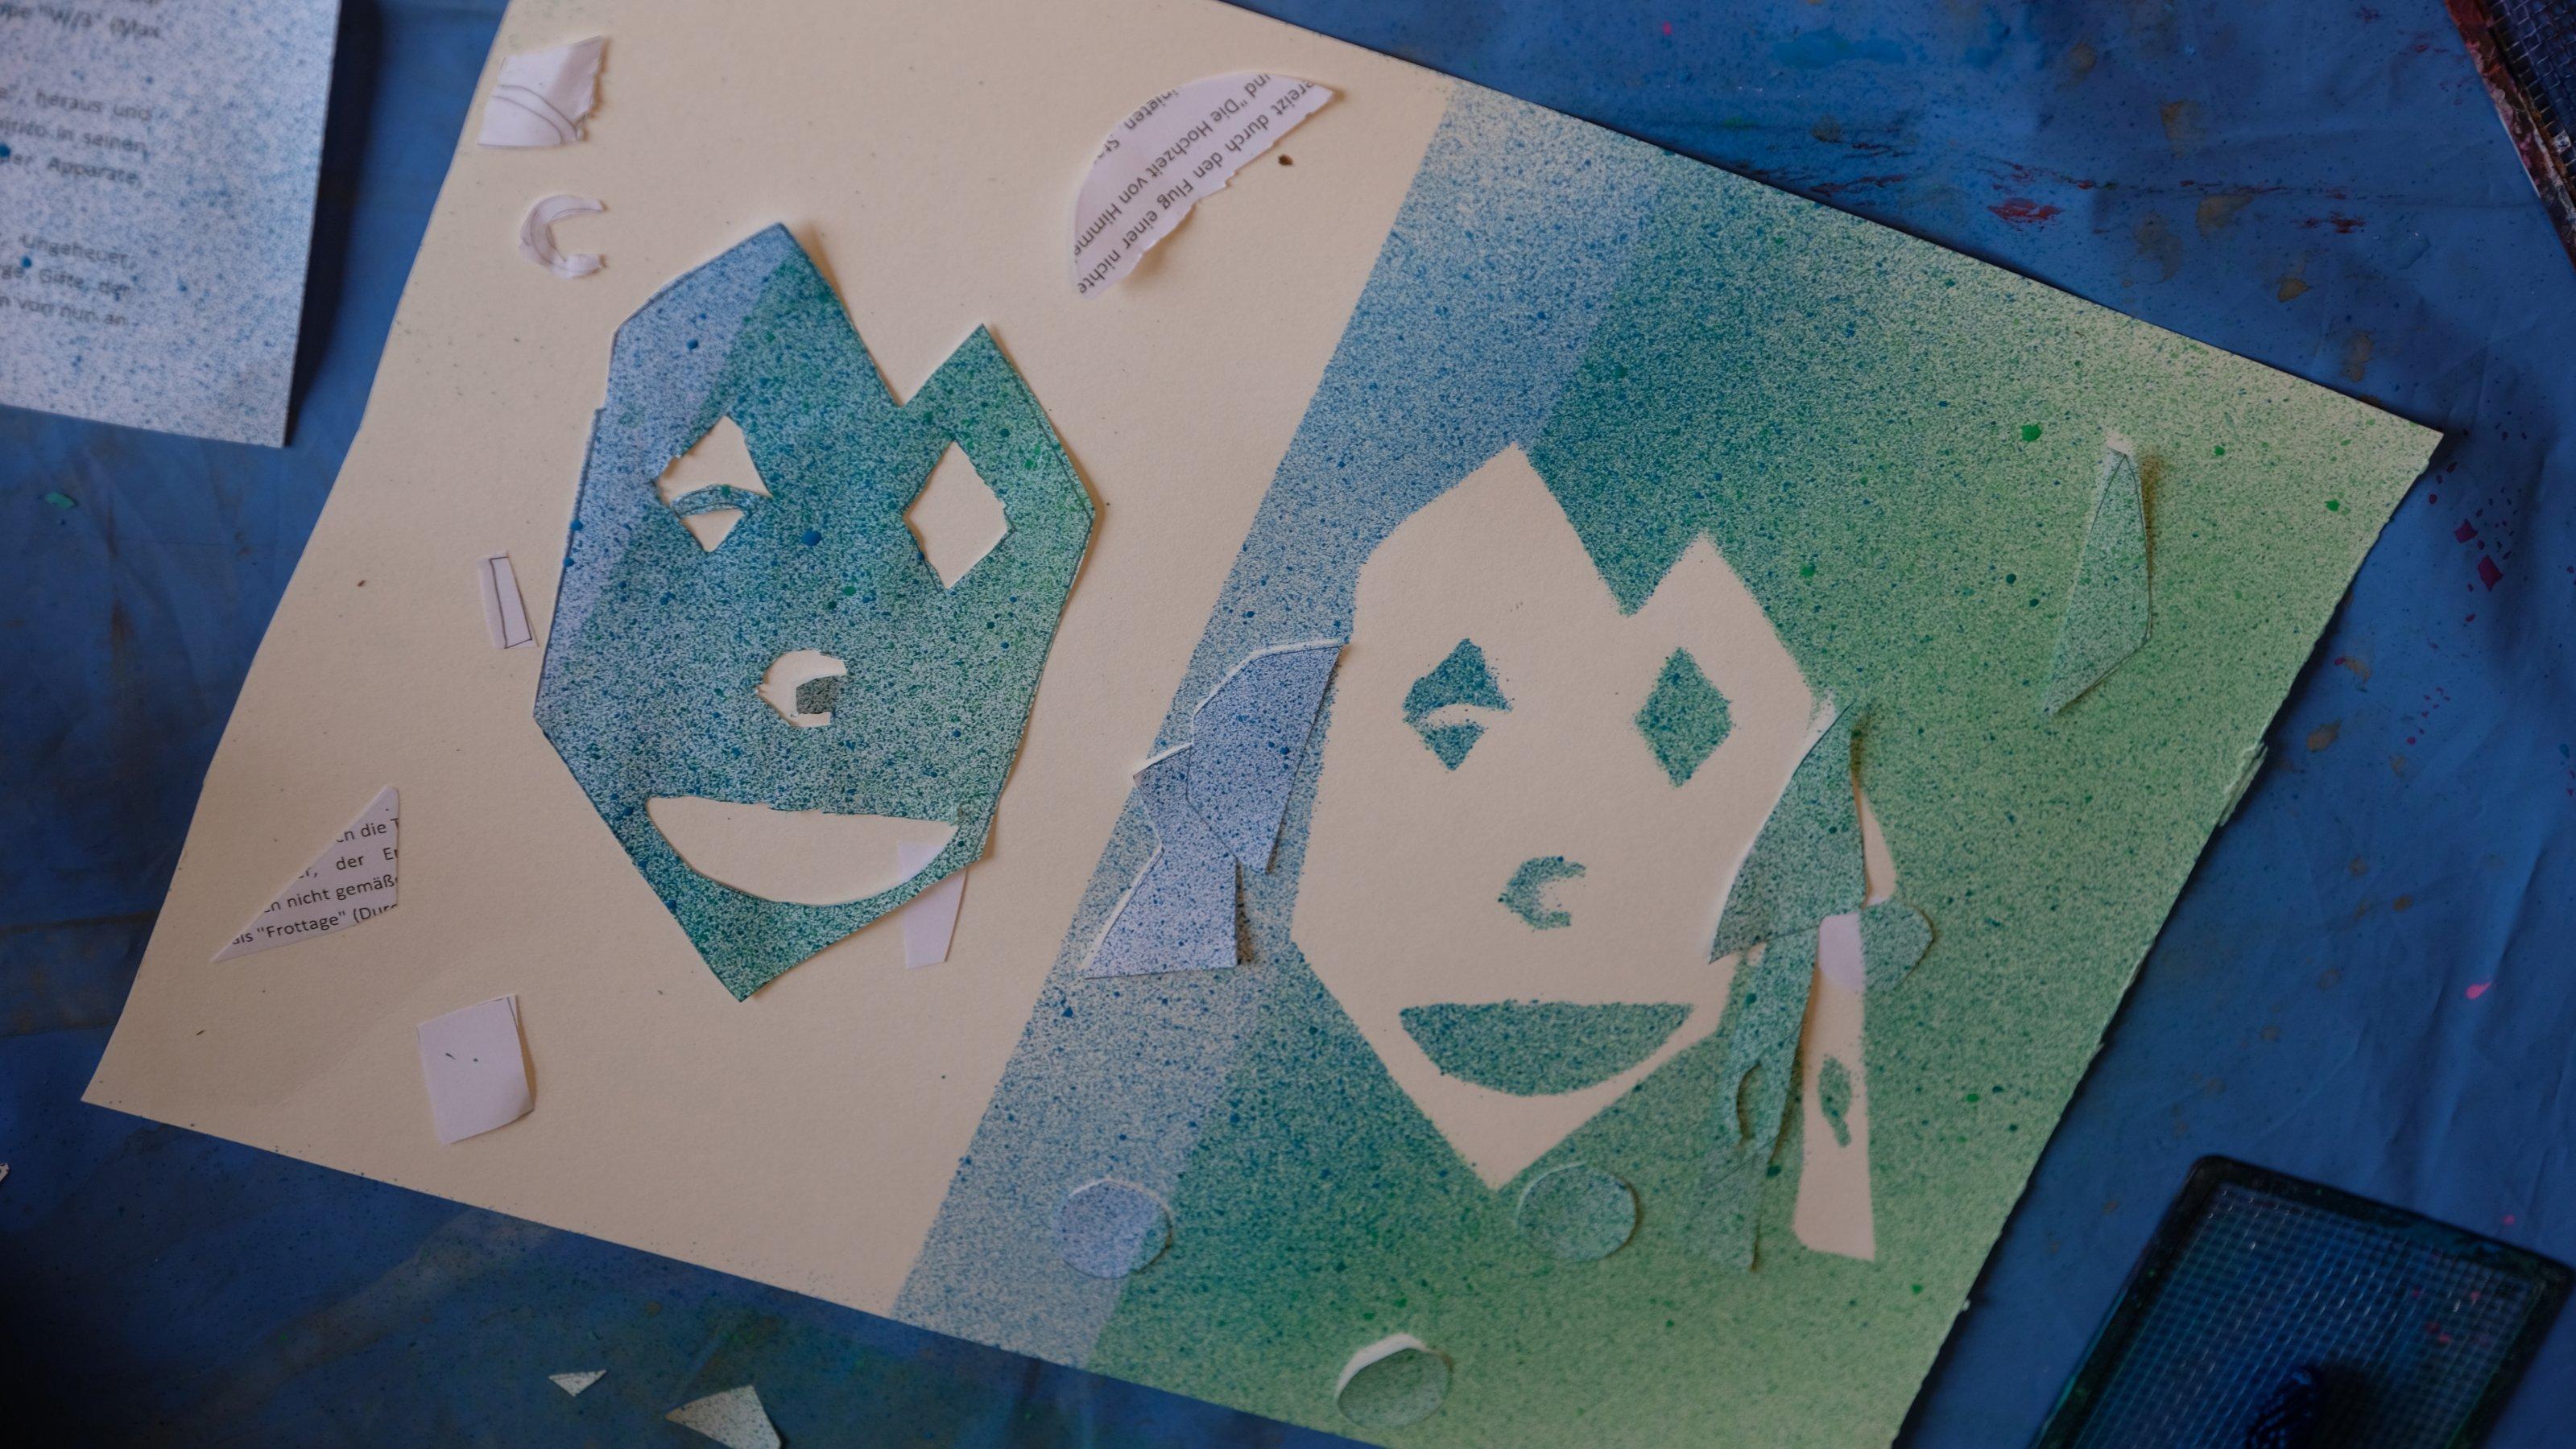 Hier sieht man das Blatt Papier, das Tilda mit grüner und blauer Farbe besprüht hat. Sie hatte ein Gesicht als Schablone darauf gelegt. Diese Flächen sind weiß geblieben.